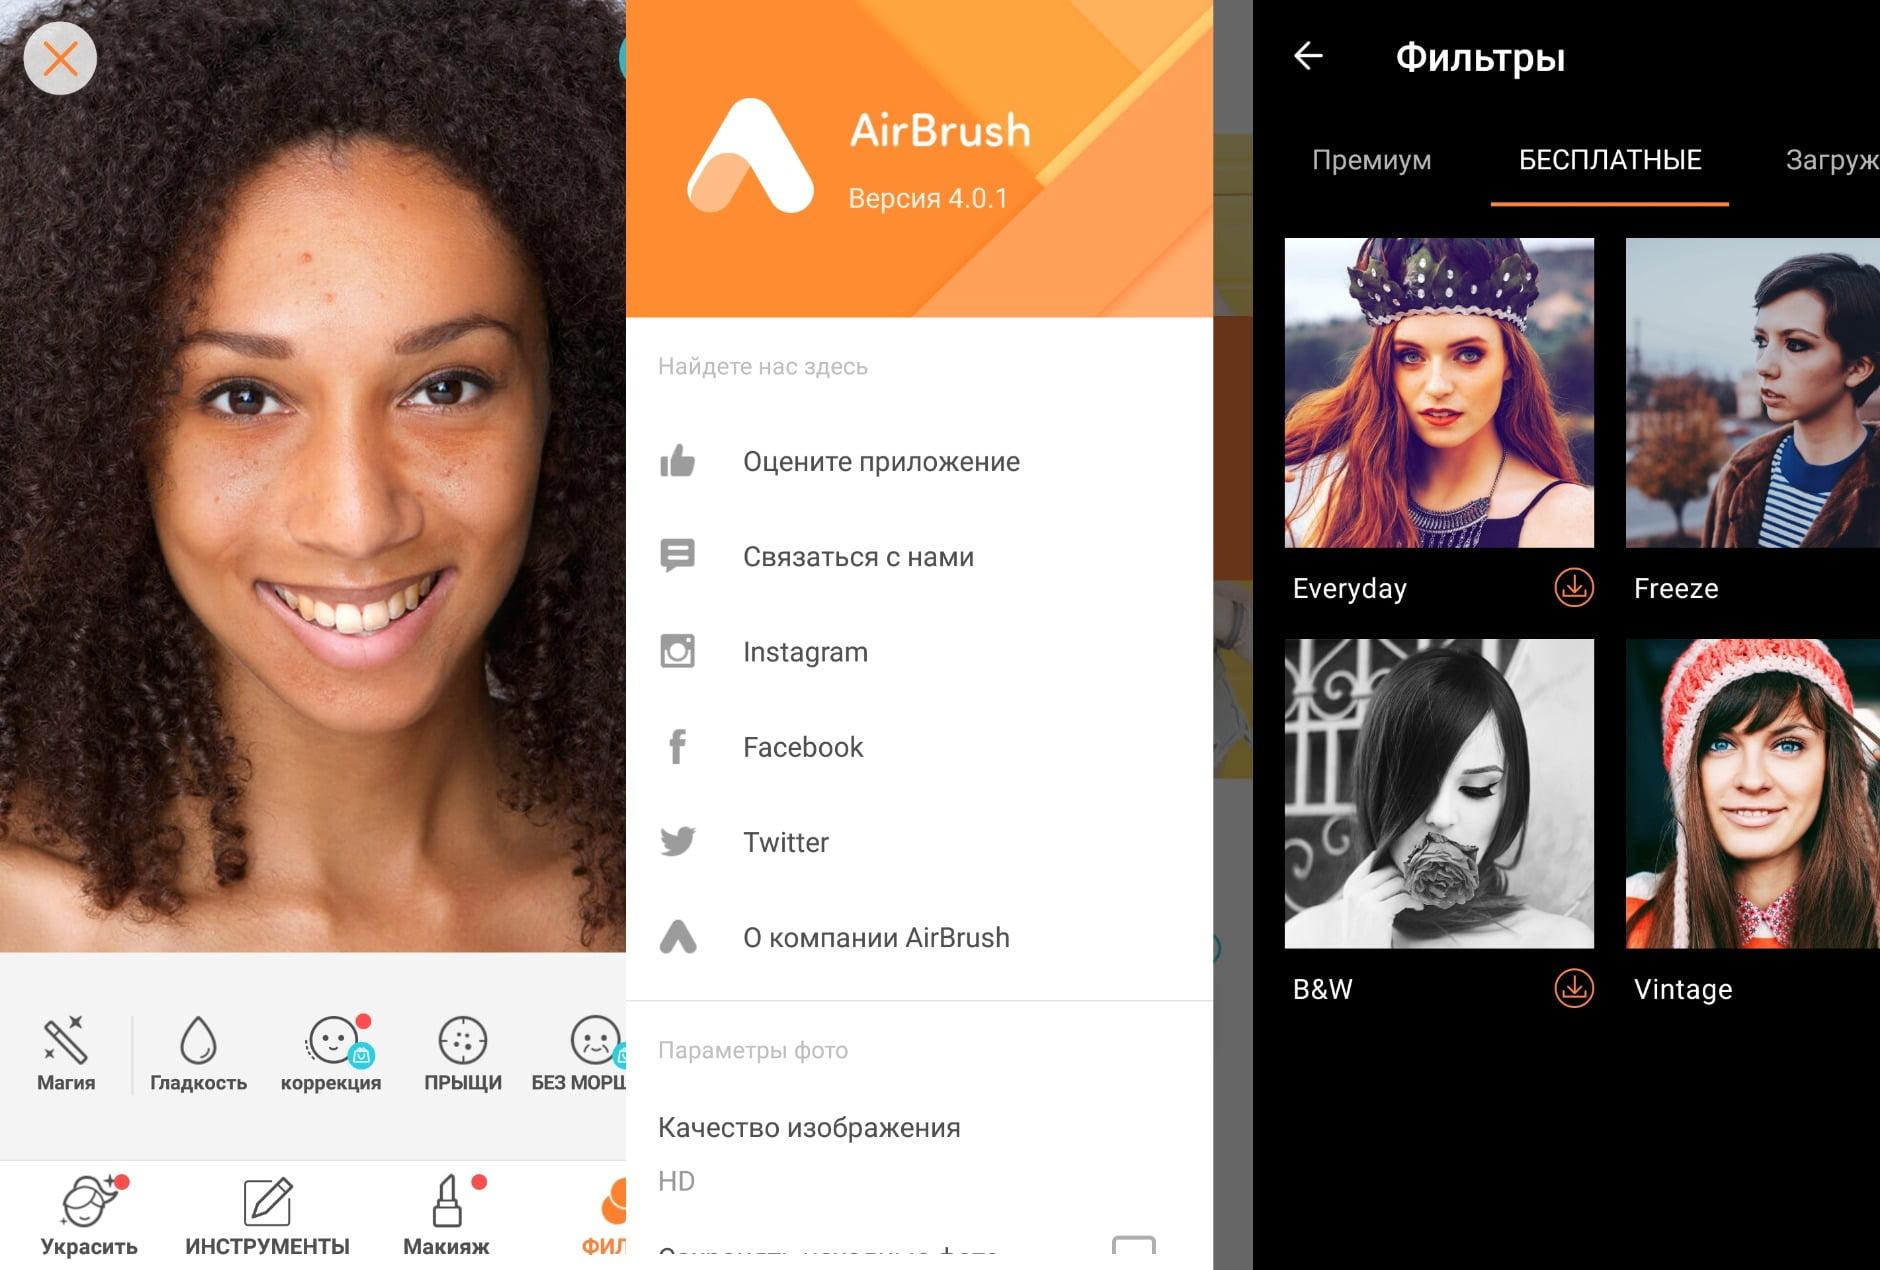 На фото приложение Airbrush